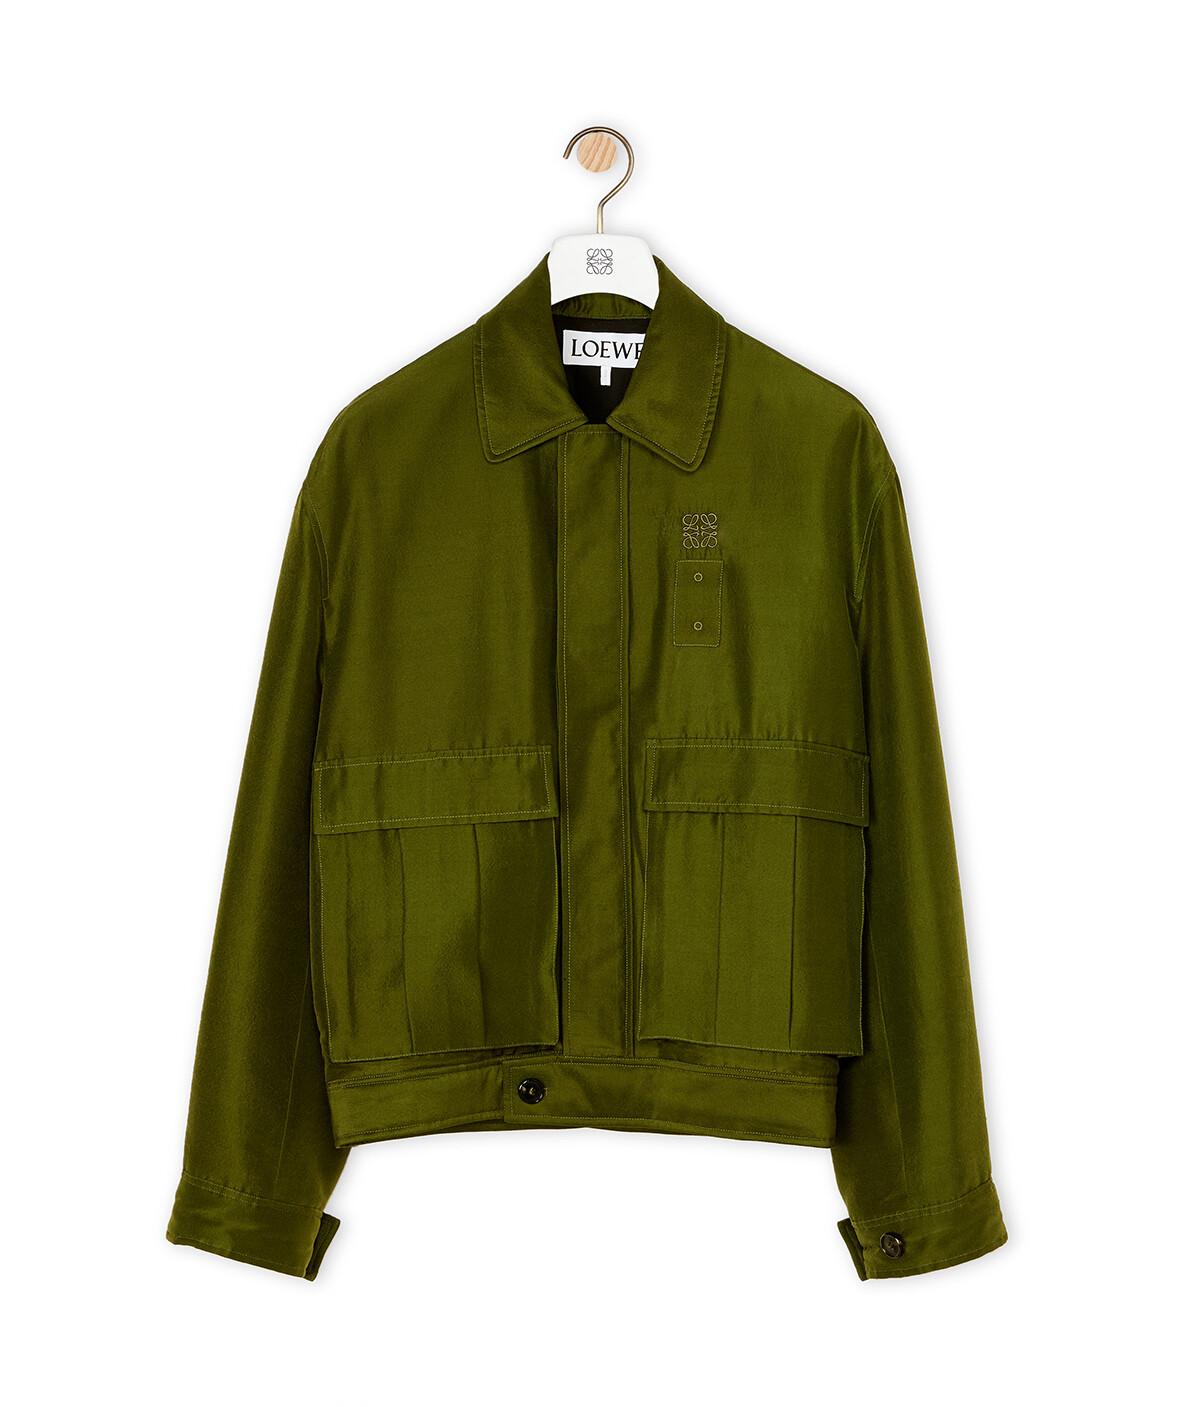 LOEWE Patch Pocket Jacket カーキグリーン front